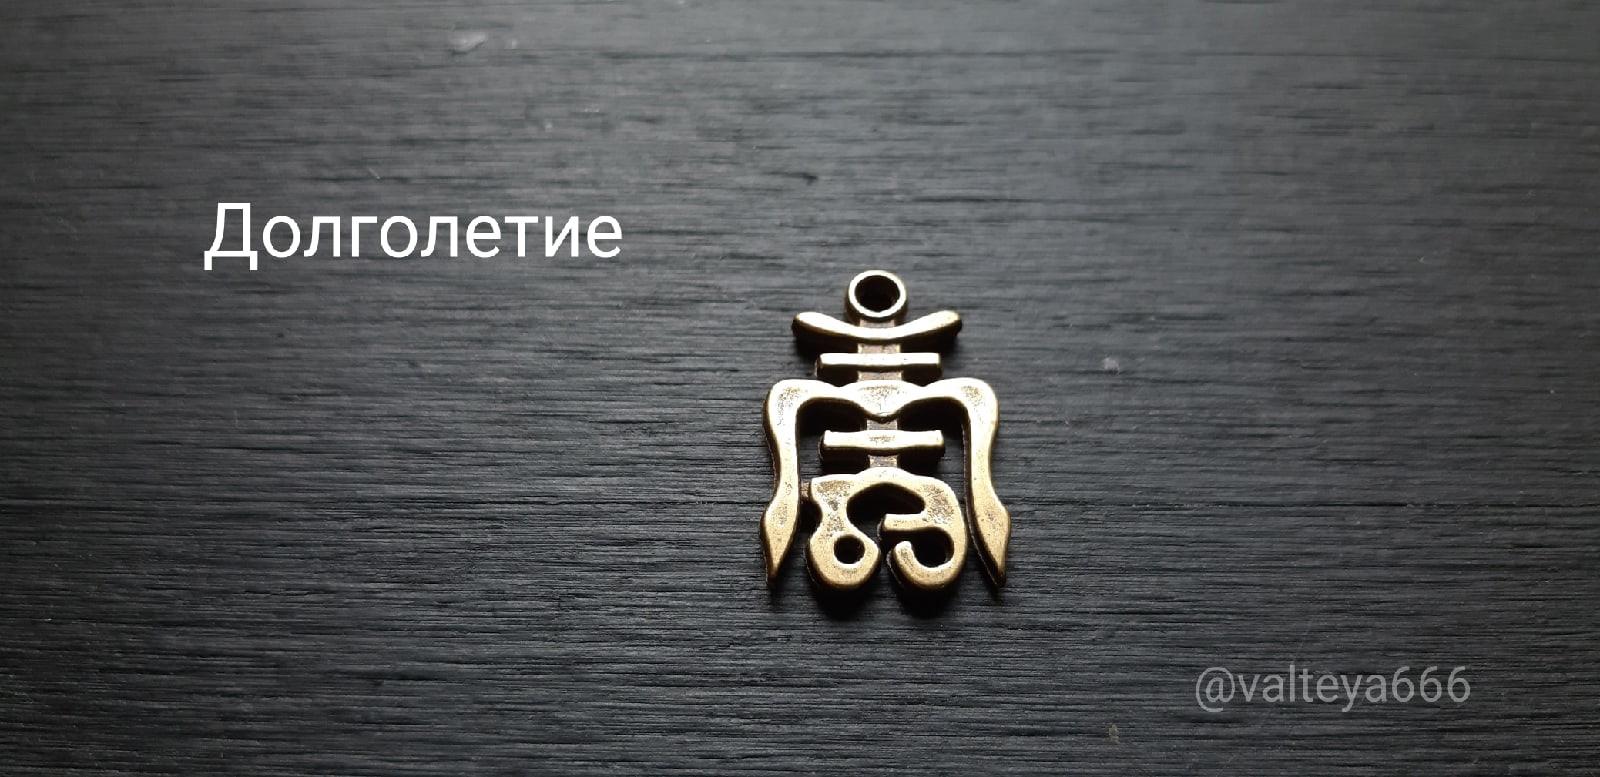 киев - Амулеты, талисманы, обереги из металла. - Страница 2 U8afOf-ekDw